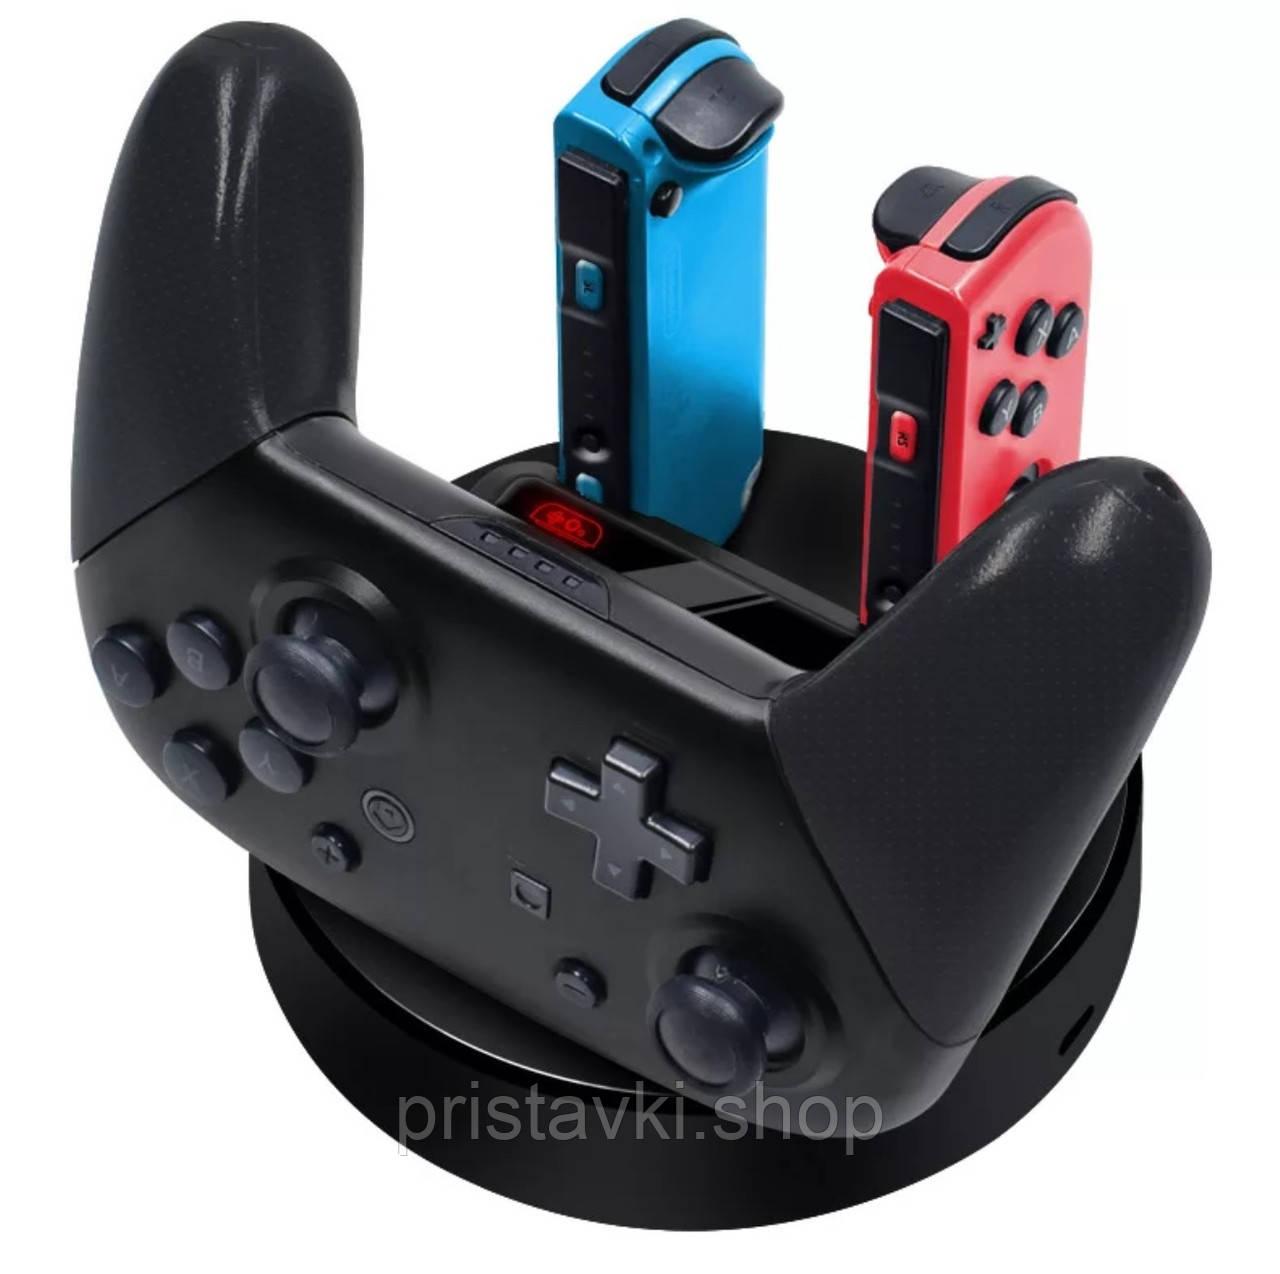 Зарядний пристрій для Nintendo Switch Joy-Con та Pro Controller